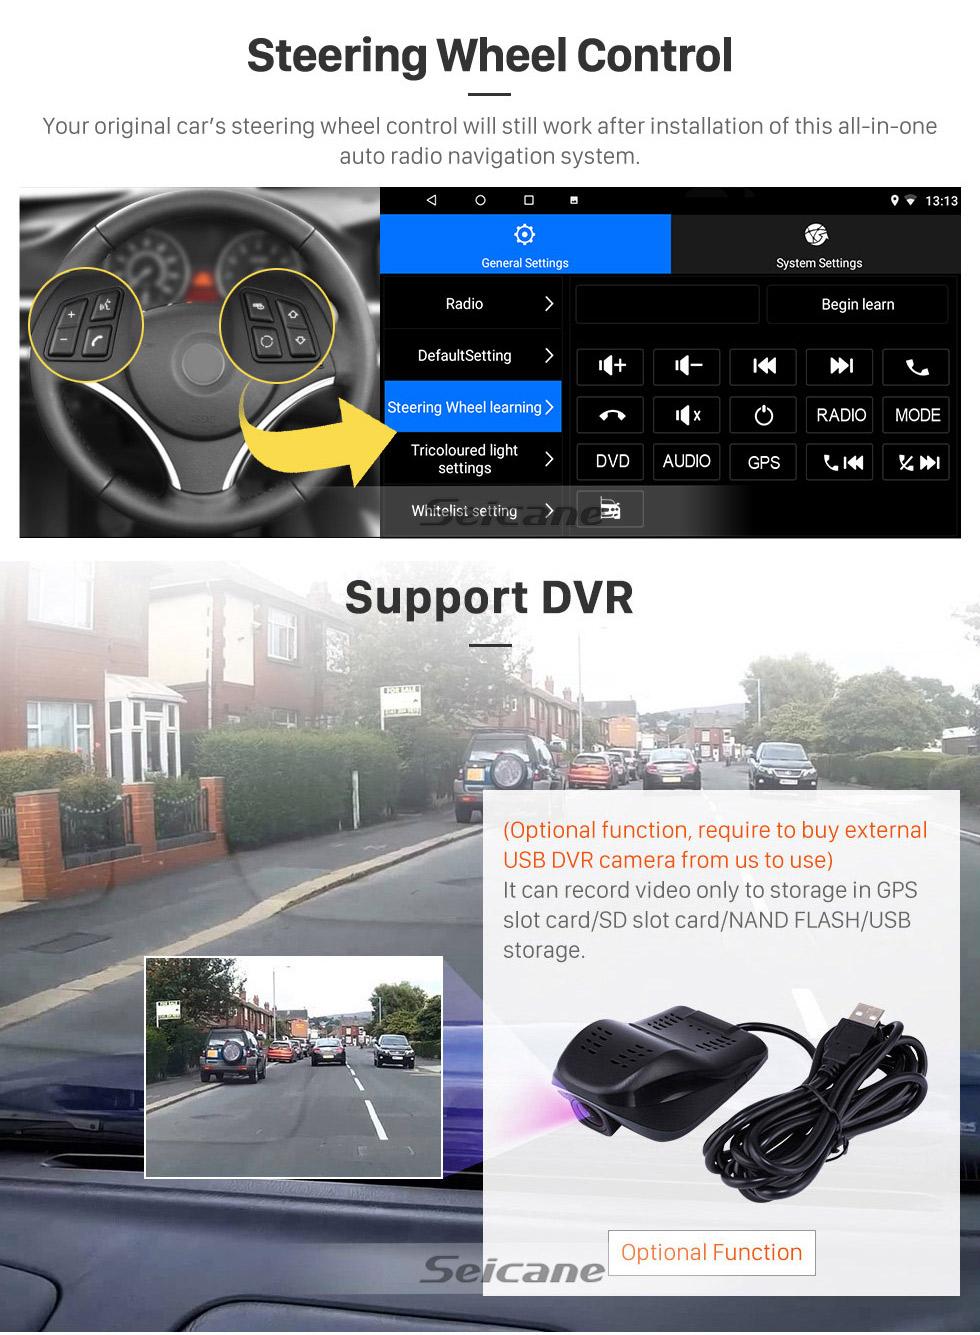 Seicane 10,1 pouces Android 8.1 pour 2002 2003 2004 Radio Mercedes Benz Classe C W203 Radio Navigation avec support HD Bluetooth pour écran tactile Carplay DVR